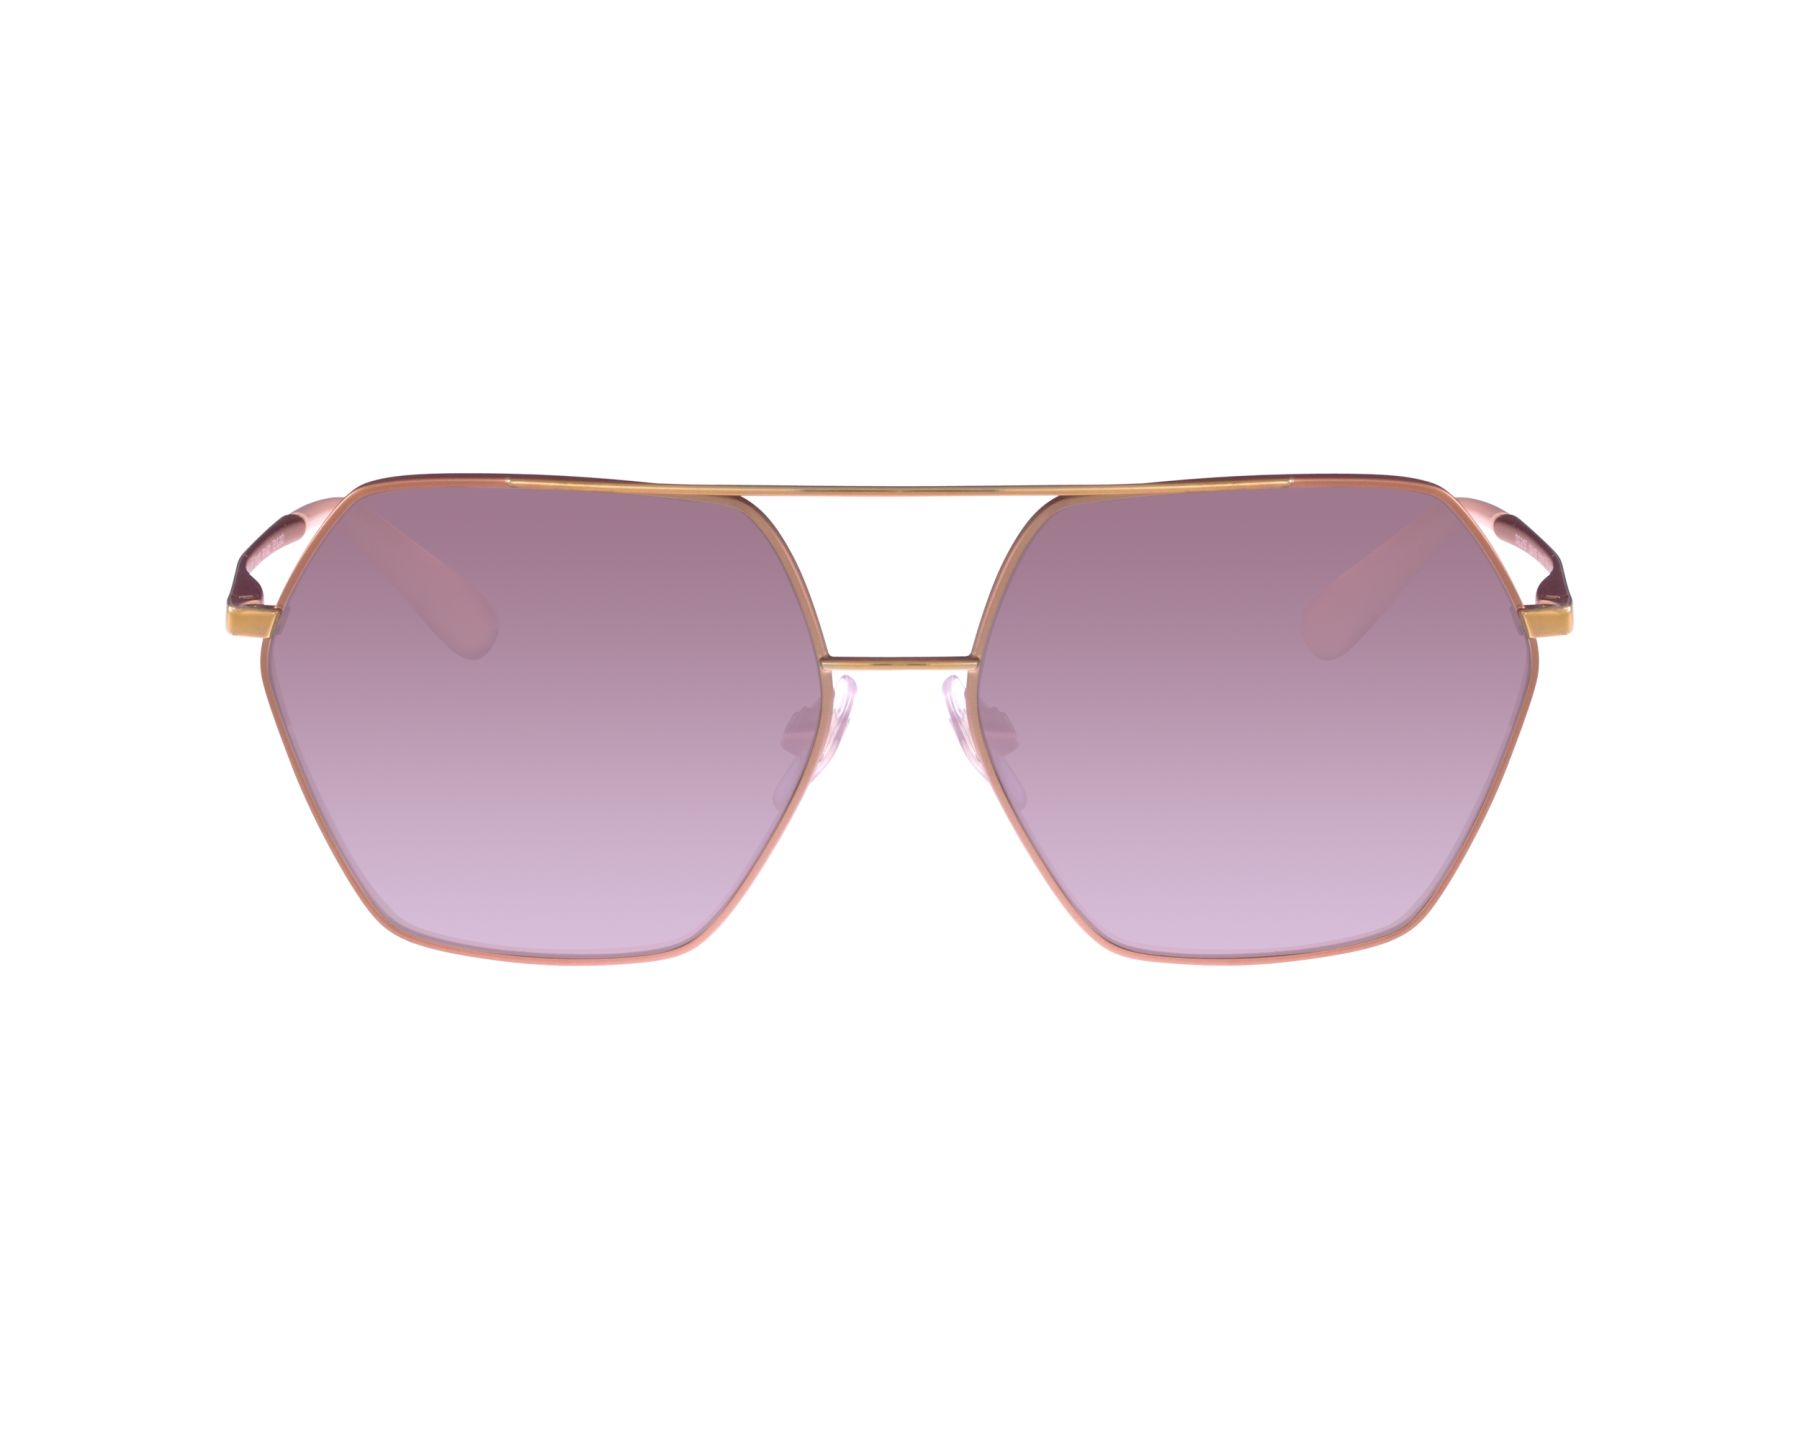 Dolce & Gabbana DG2157 12945R 59-15 SrxrAL